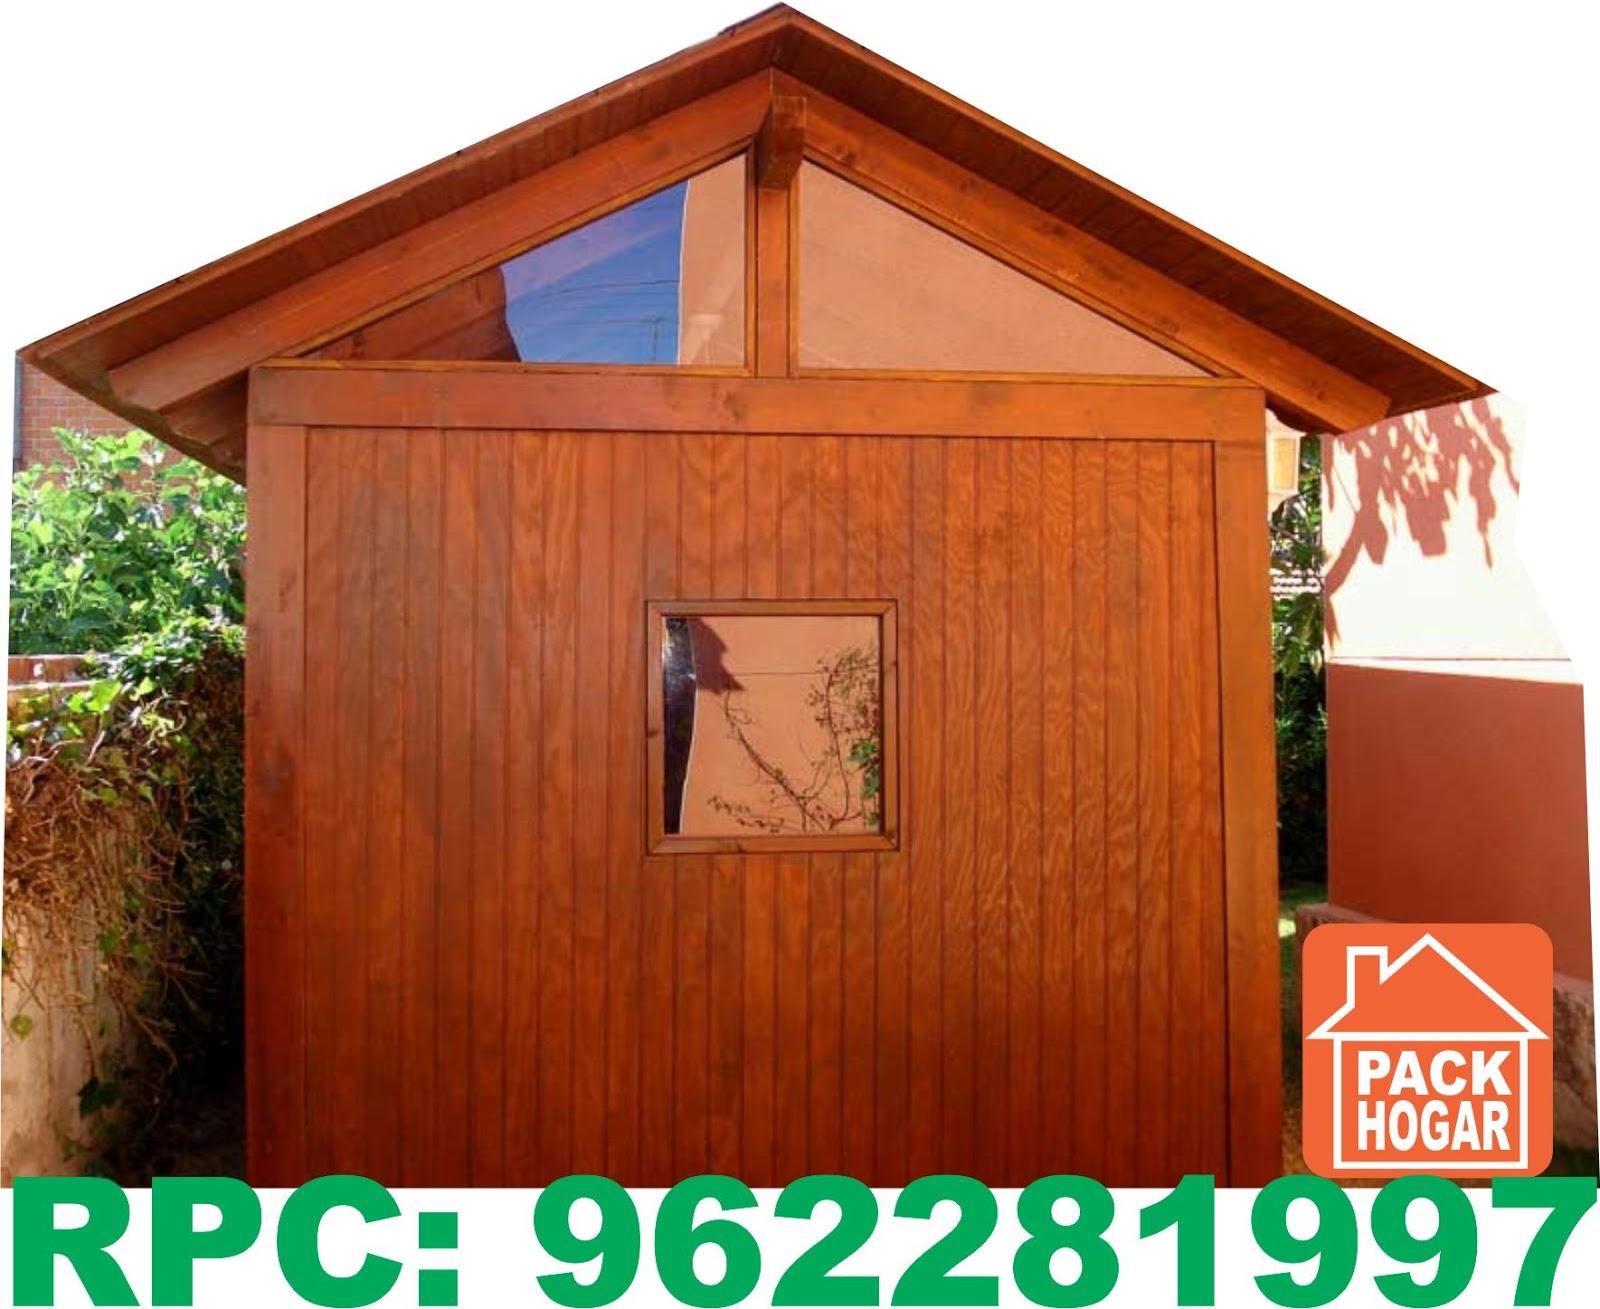 Casetas cuartos habitables prefabricadas de madera lima for Casetas aluminio para terrazas